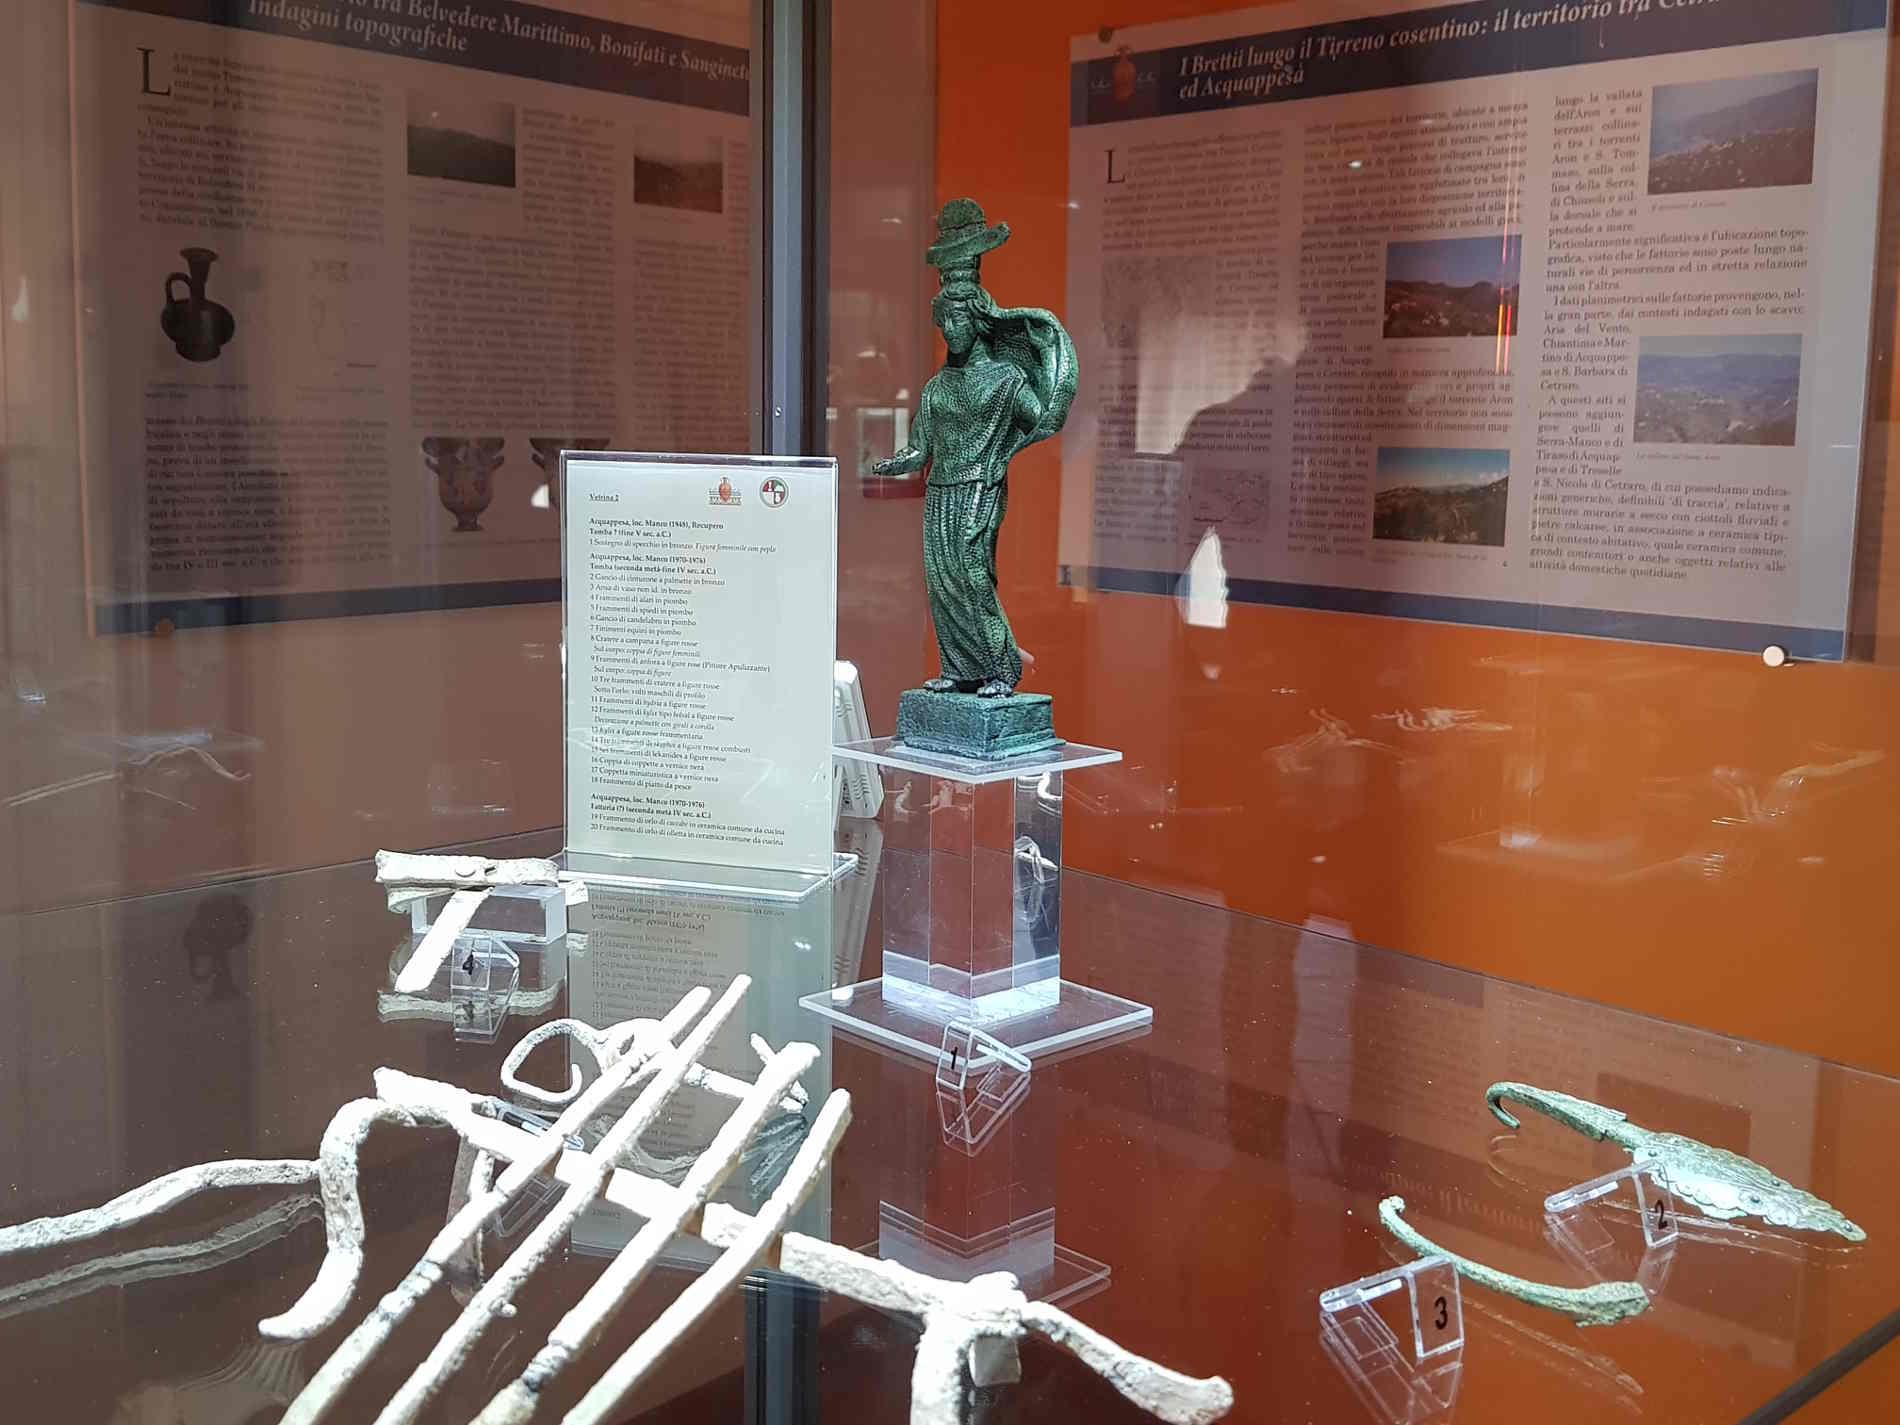 Museo dei brettii e del mare a Cetraro La statuetta bronzea utilizzata come sostegno di uno specchio.